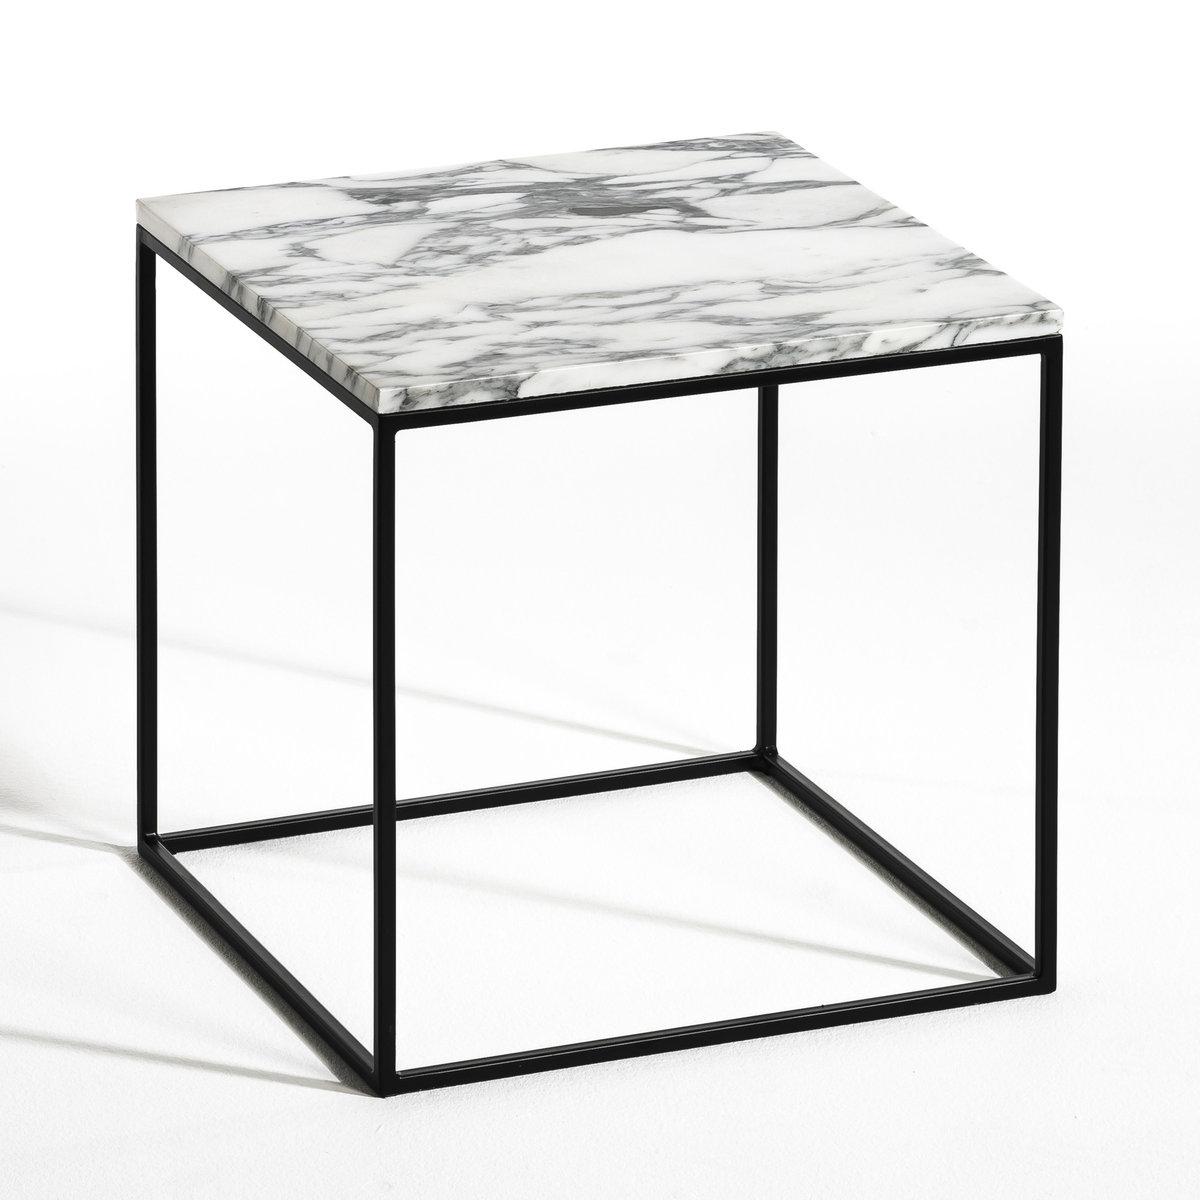 Столик из металла черного цвета и мрамора, MahautСтолик Mahaut. Элегантное и простое сочетание столешницы из мрамора,  благородного, прочного и теплого камня, с очень изящным металлическим каркасом  . Характеристики : - Столешница из мрамора - Каркас из металла черного цвета  Размеры : - Ш.40 x В.40 x Г.40 см<br><br>Цвет: черный<br>Размер: единый размер